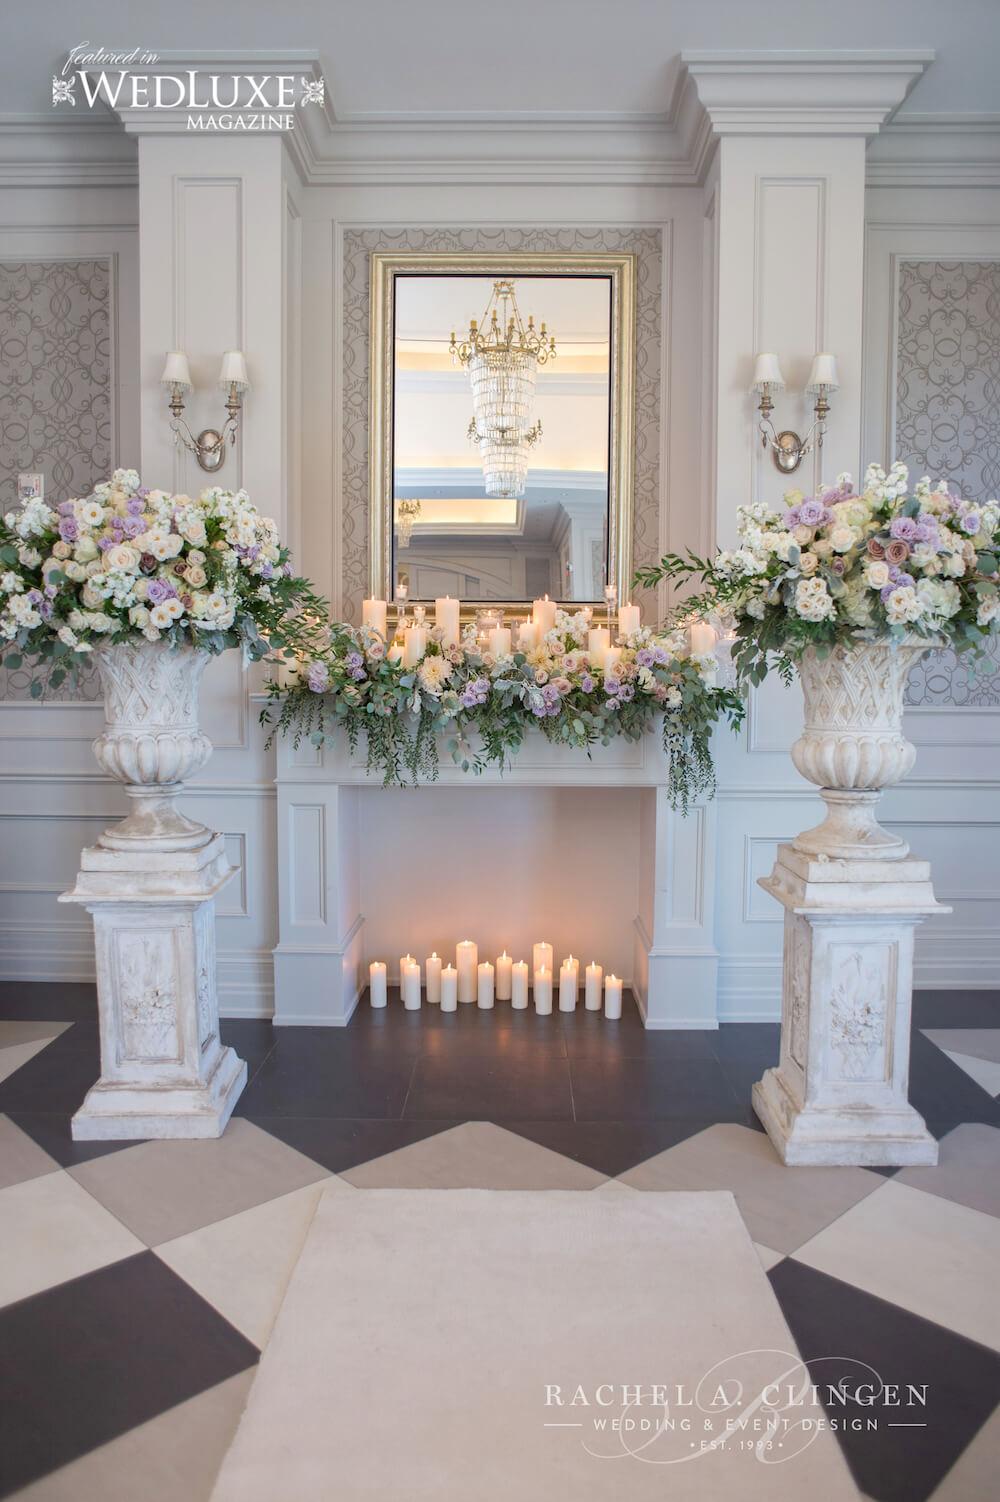 hazelton-manor-weddings-rachel-a-clingen